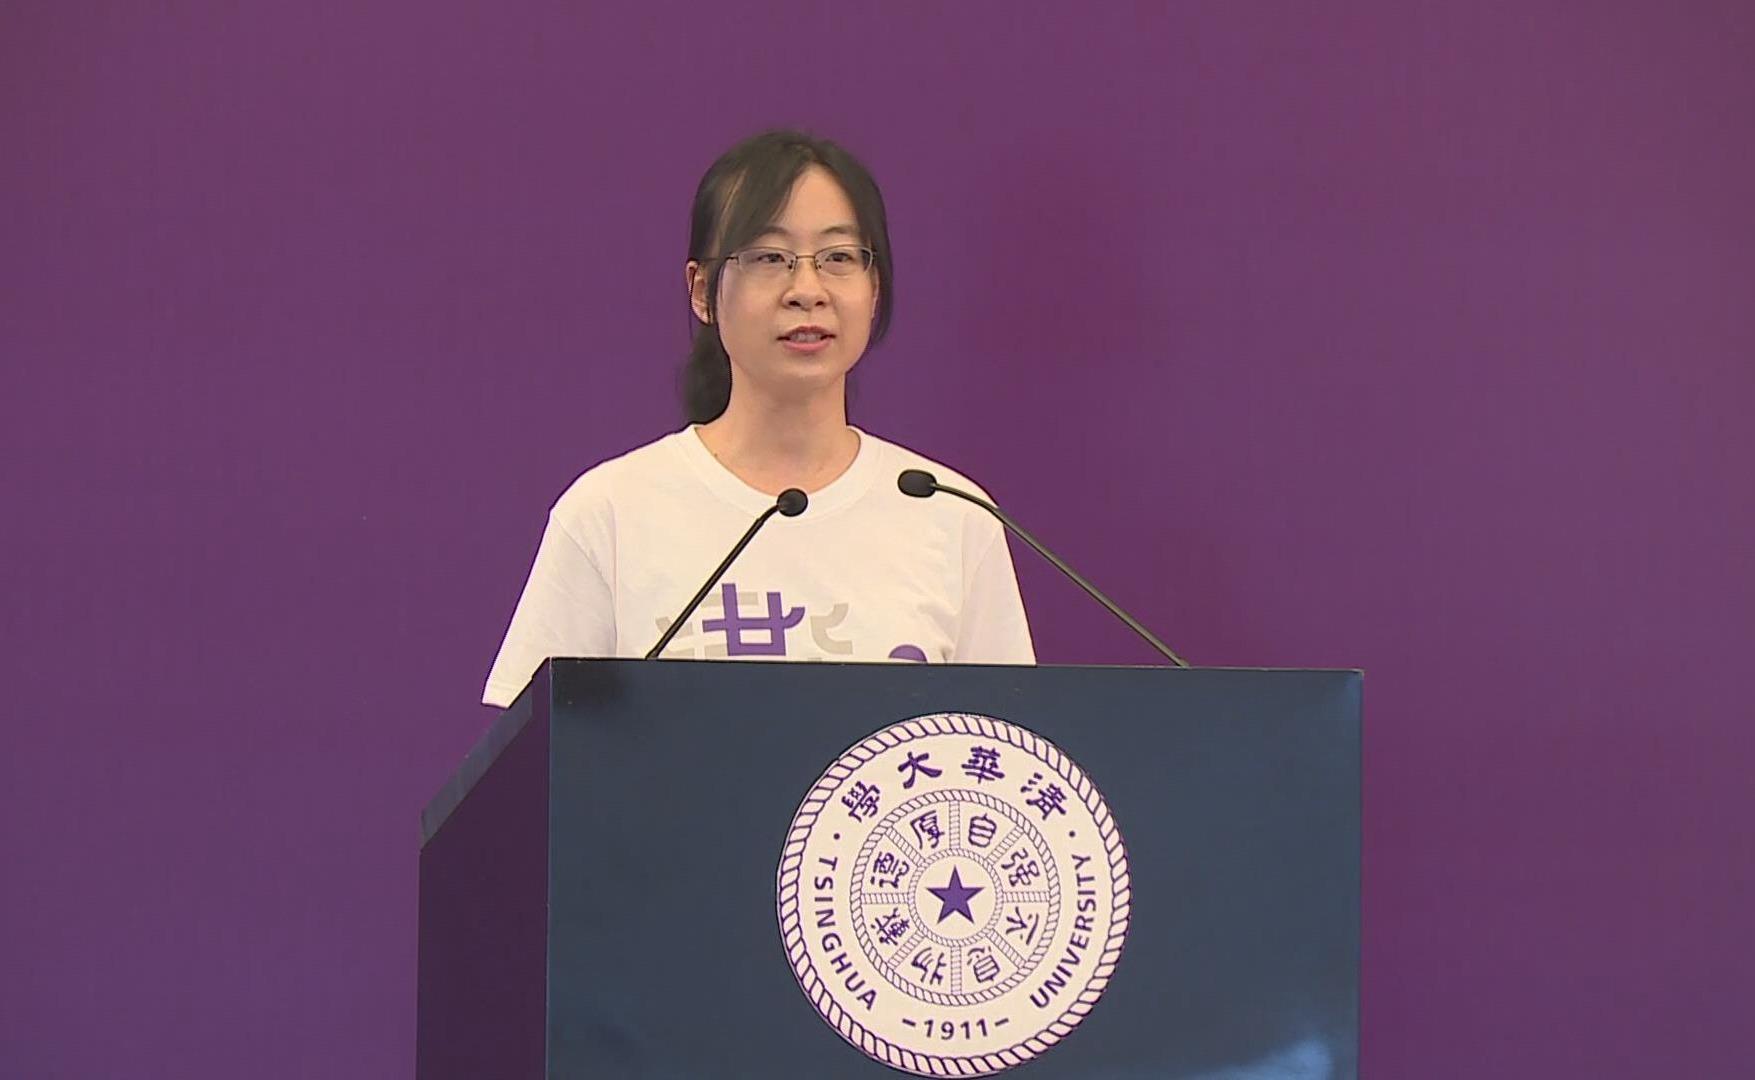 3号彩票江金权向机械工程师生宣讲解读十九大新修改的党章